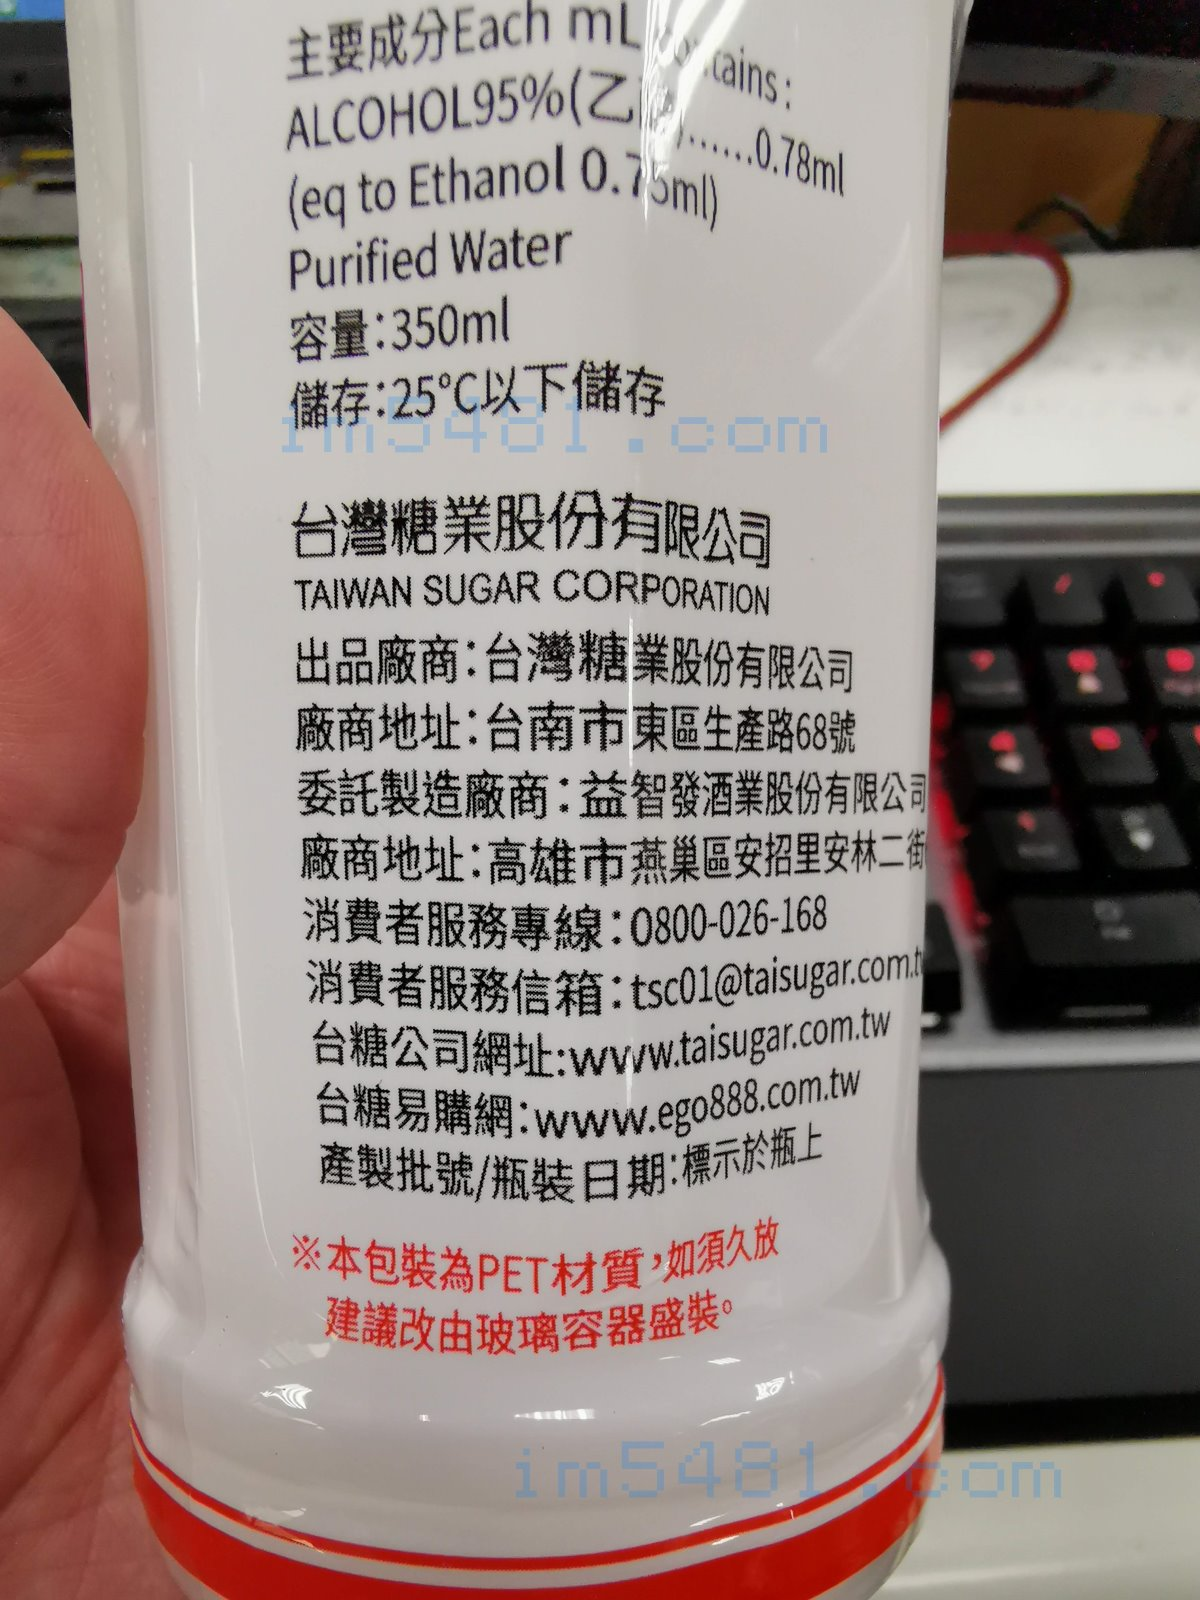 台糖防疫酒精標示『本包裝為PET材質,如需久放建議改由玻璃容器盛裝』